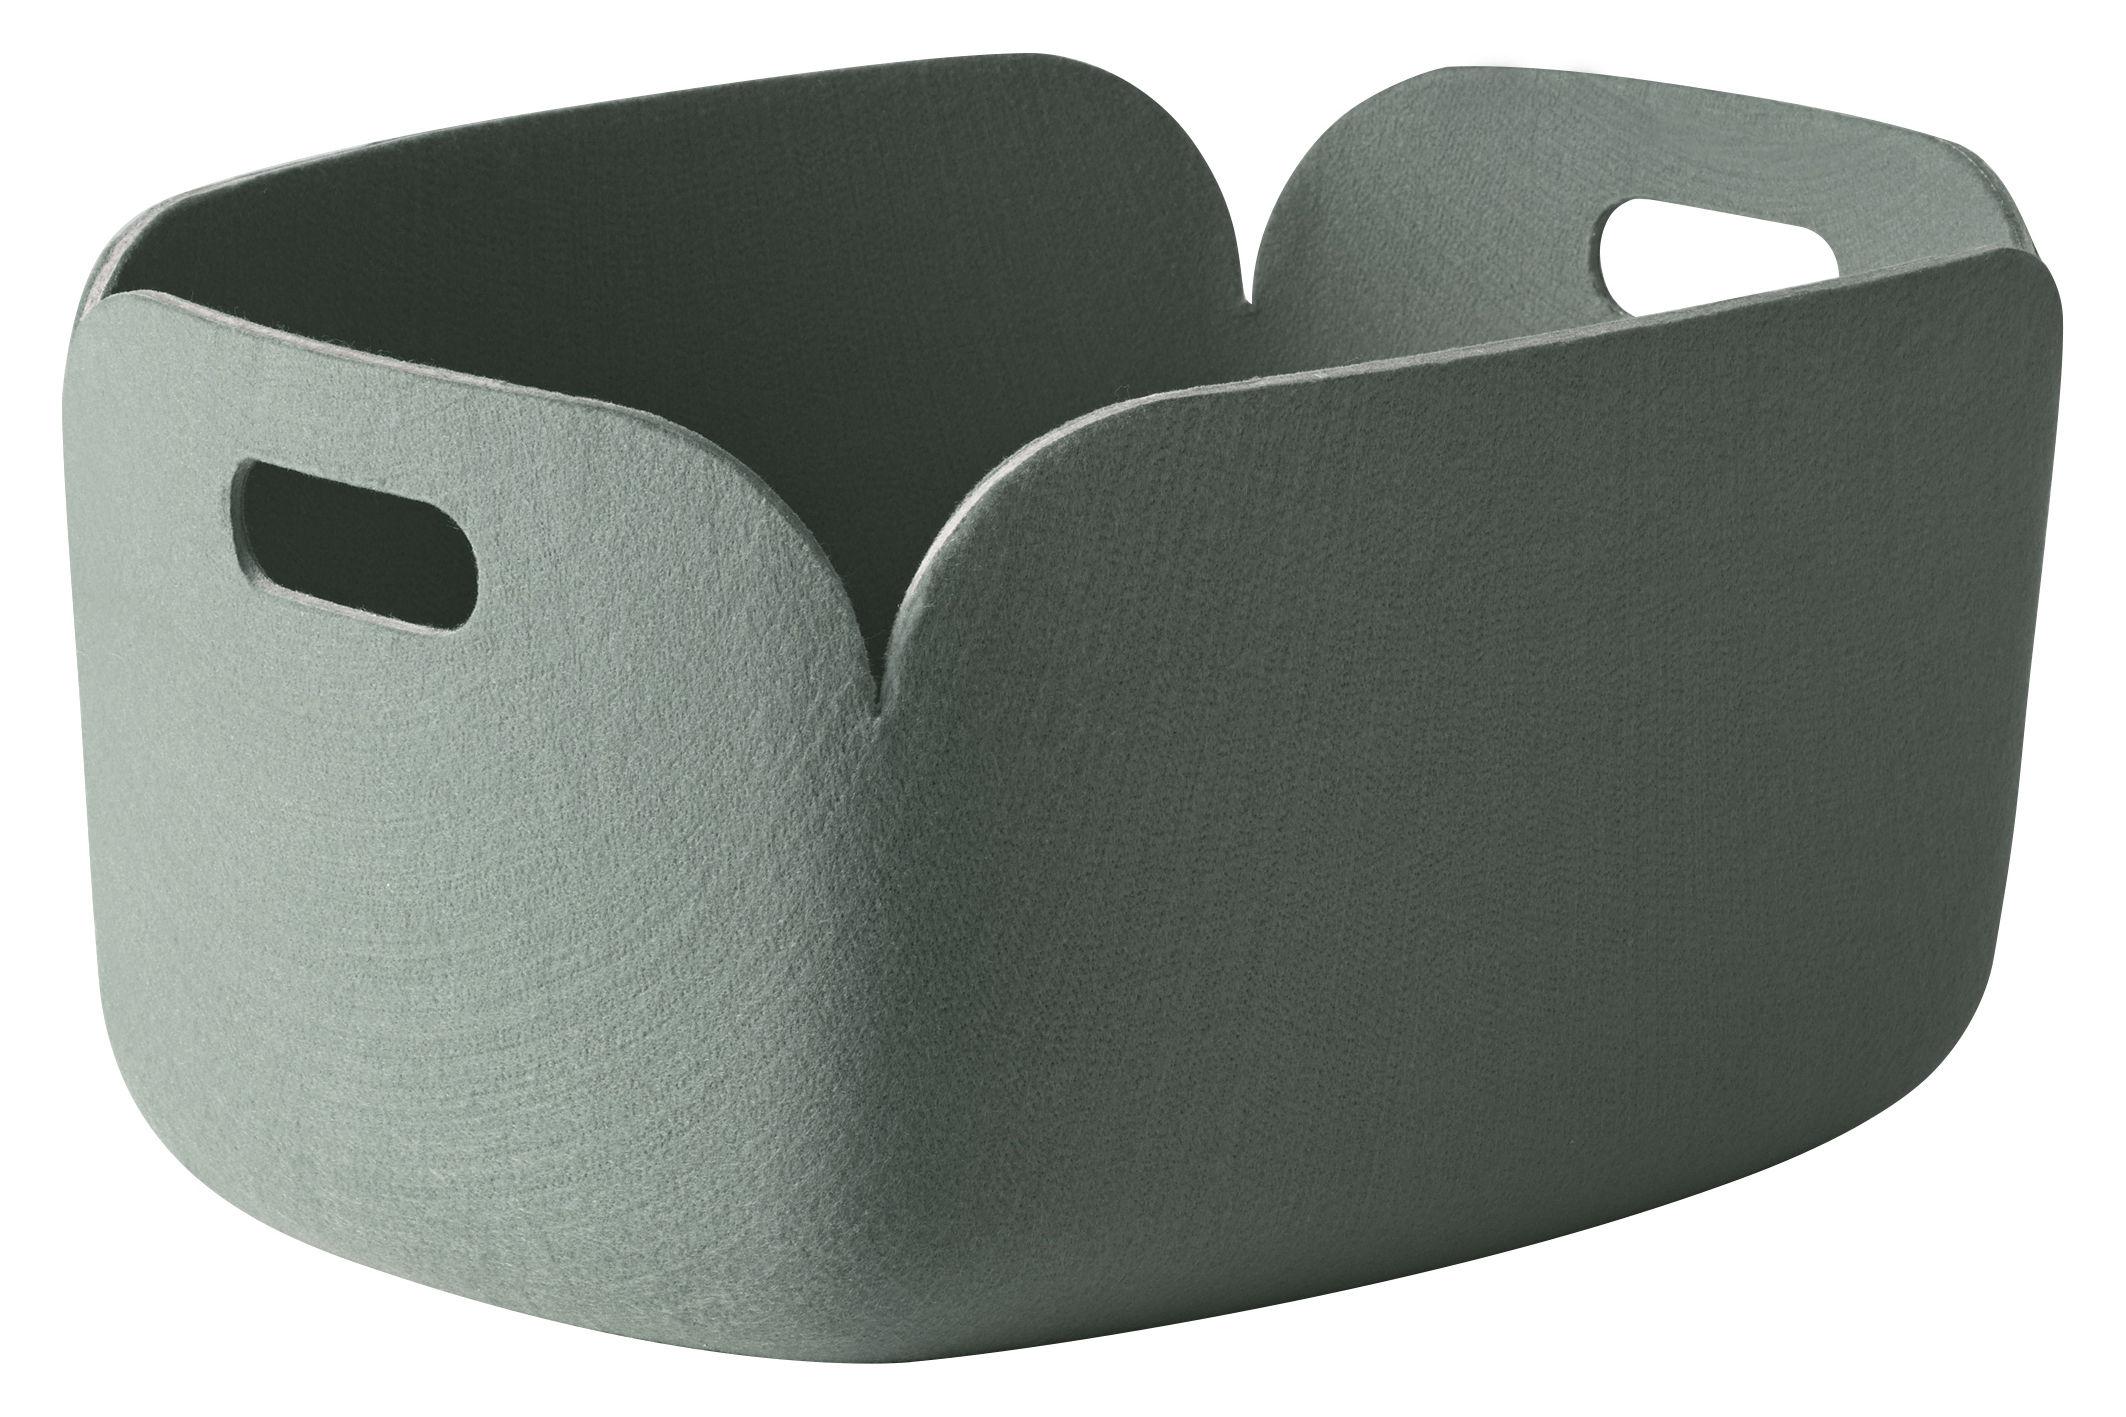 Déco - Paniers et petits rangements - Panier Restore / Feutre - 35 x 48 cm - Muuto - Vert cendre - Feutre